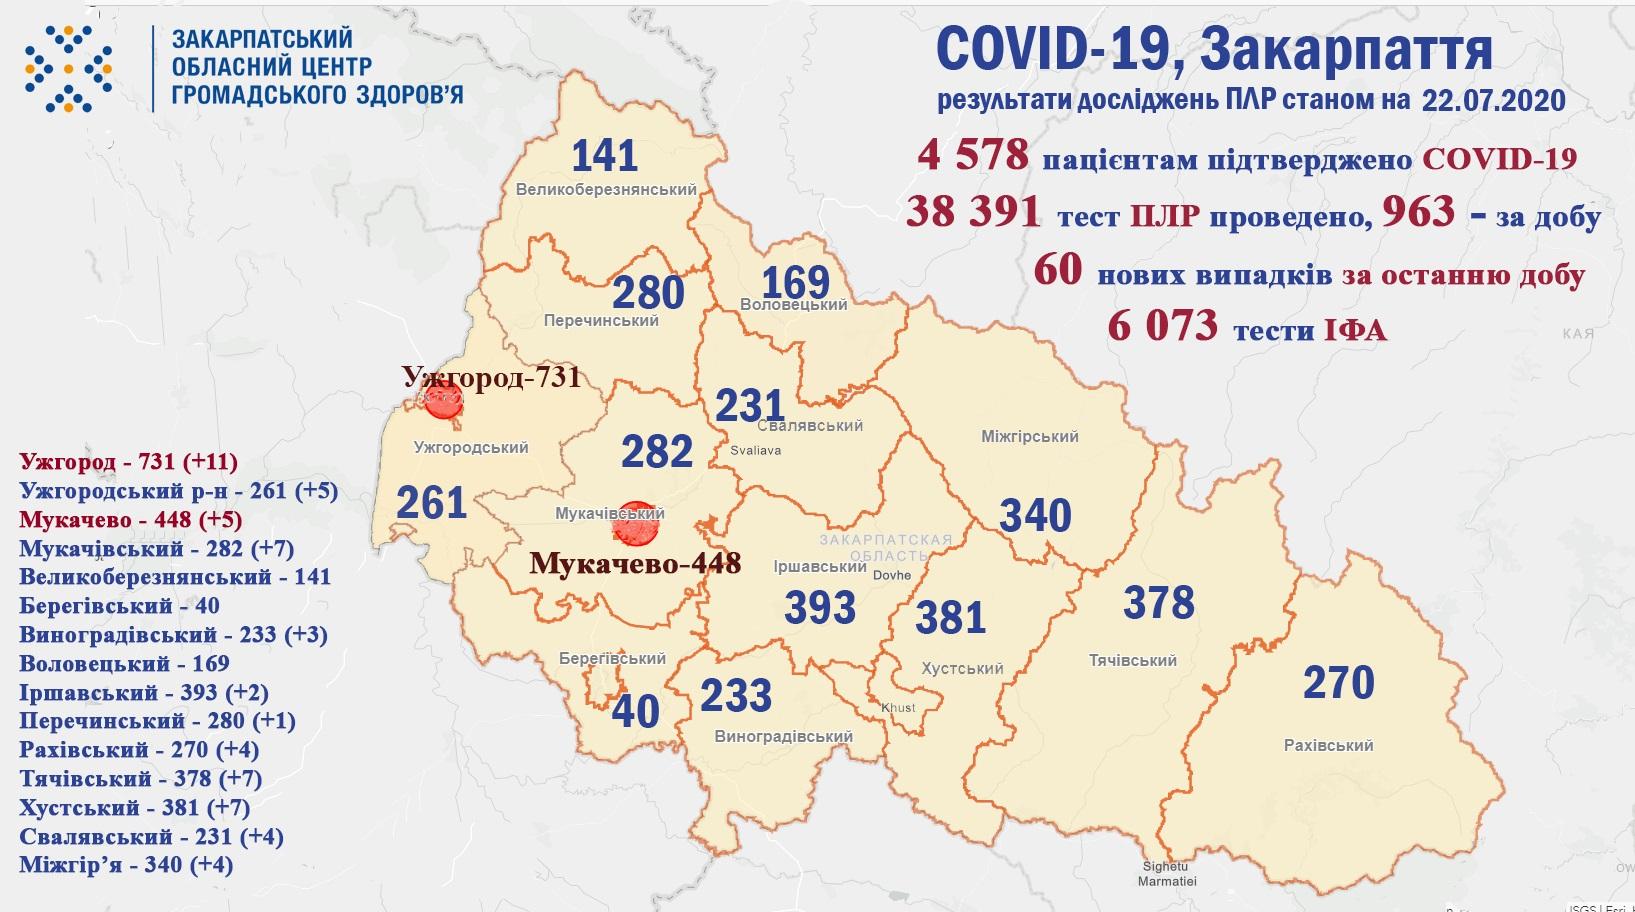 Протягом доби на Закарпатті виявили 60 випадків COVID-19, троє людей померло